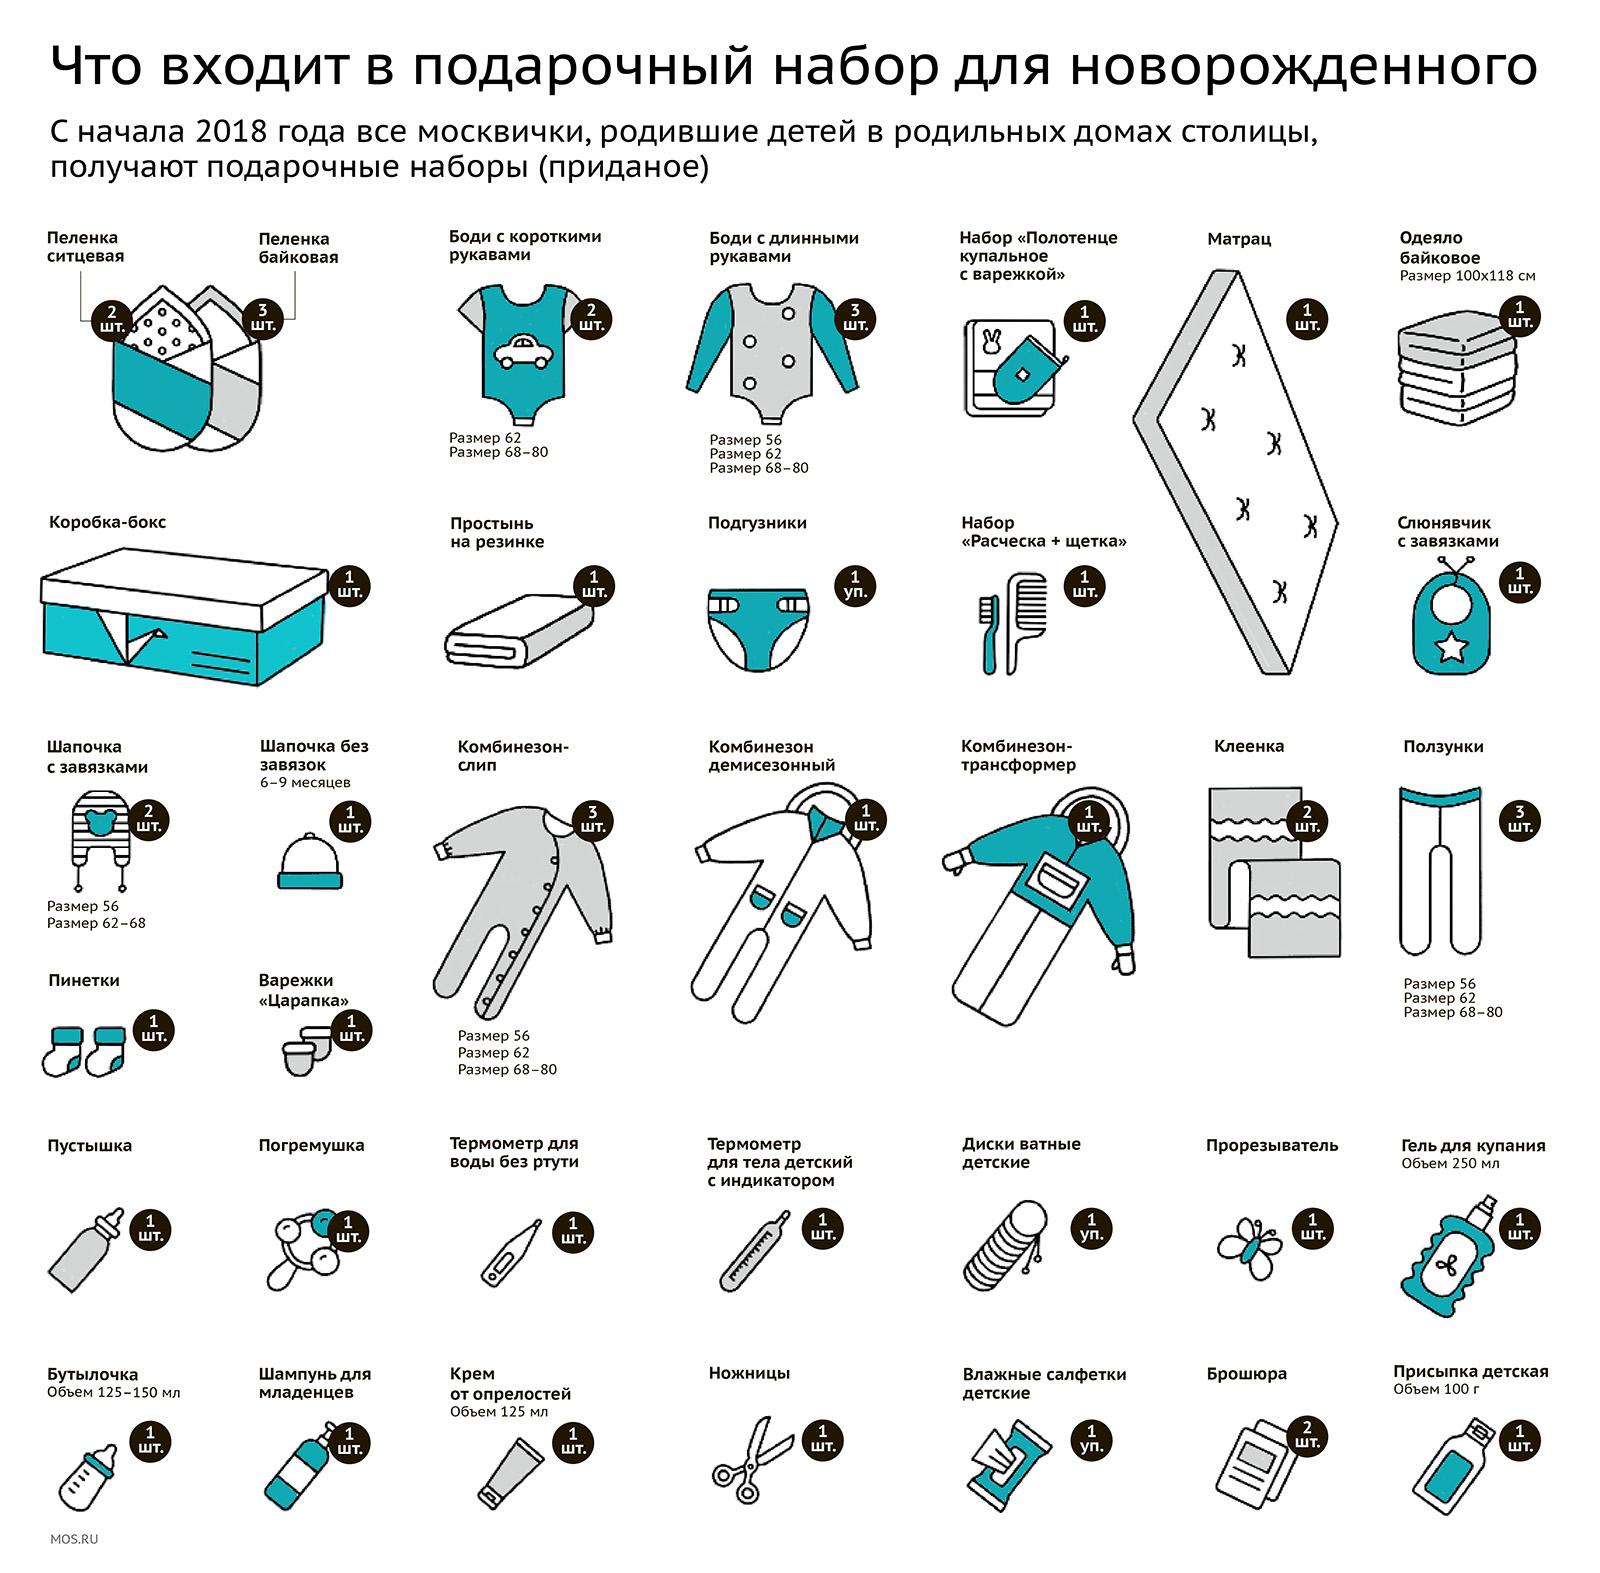 Медицинский полис Москва Бибирево и больничный лист